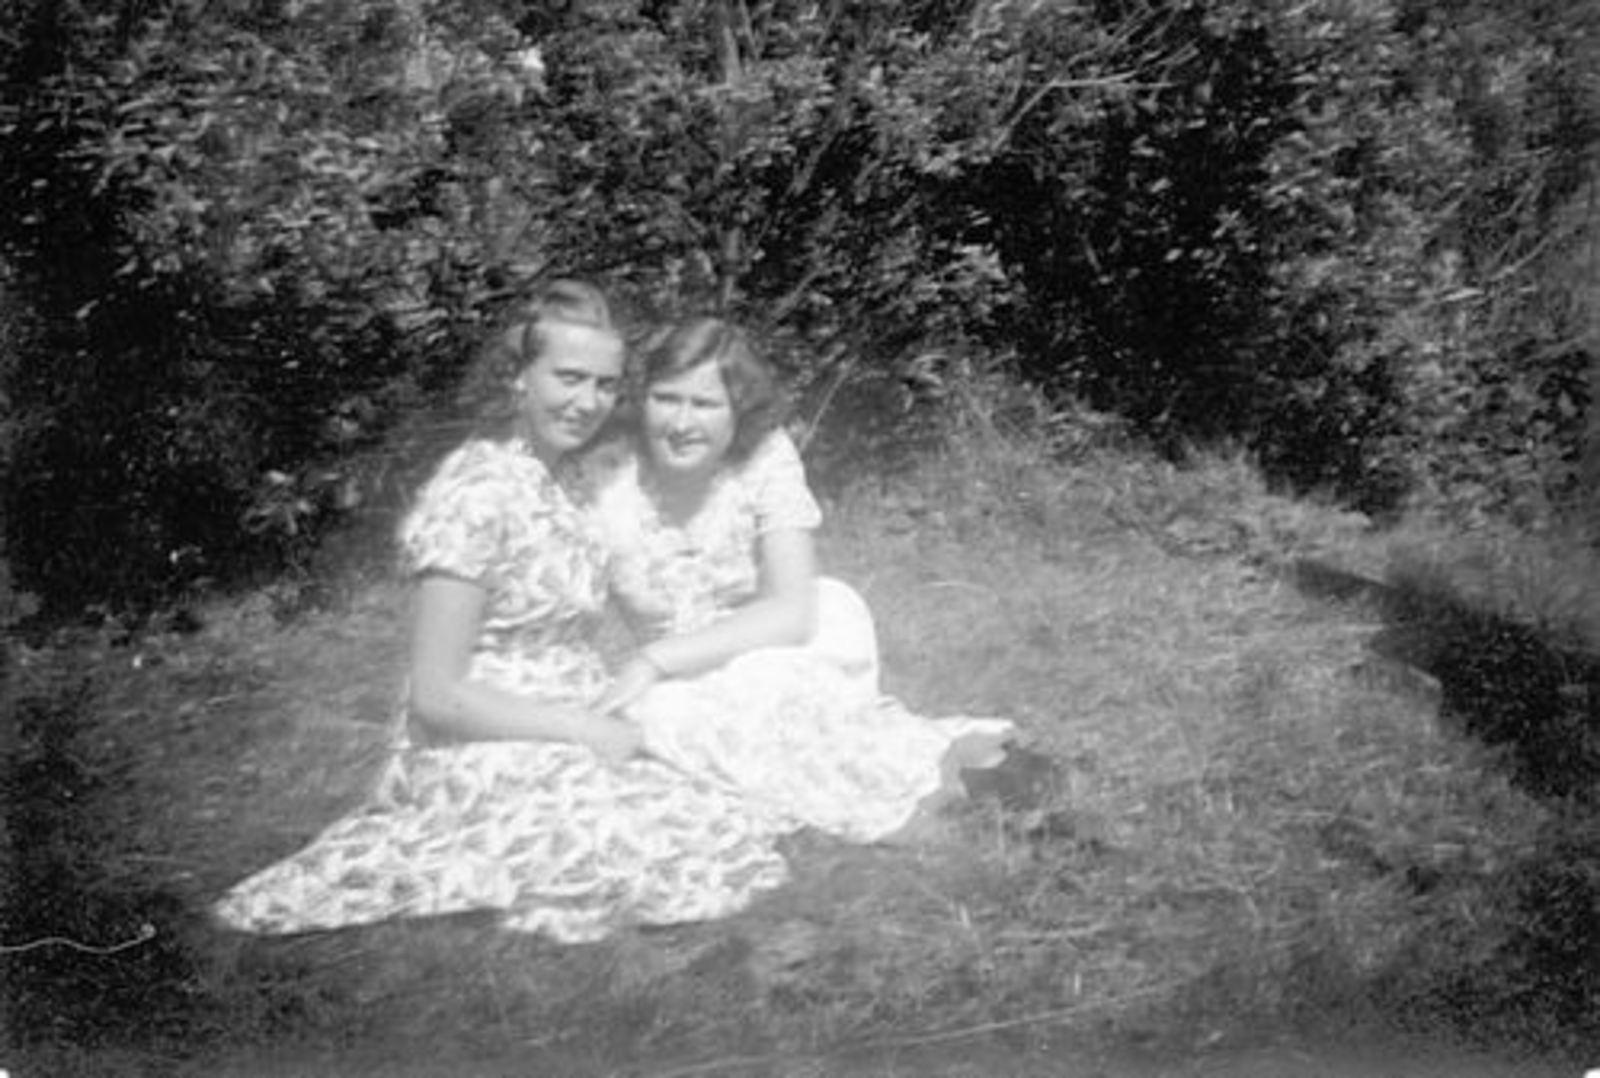 Koeckhoven Ria 1930 1950 in Tuin met Gerda Zandberg